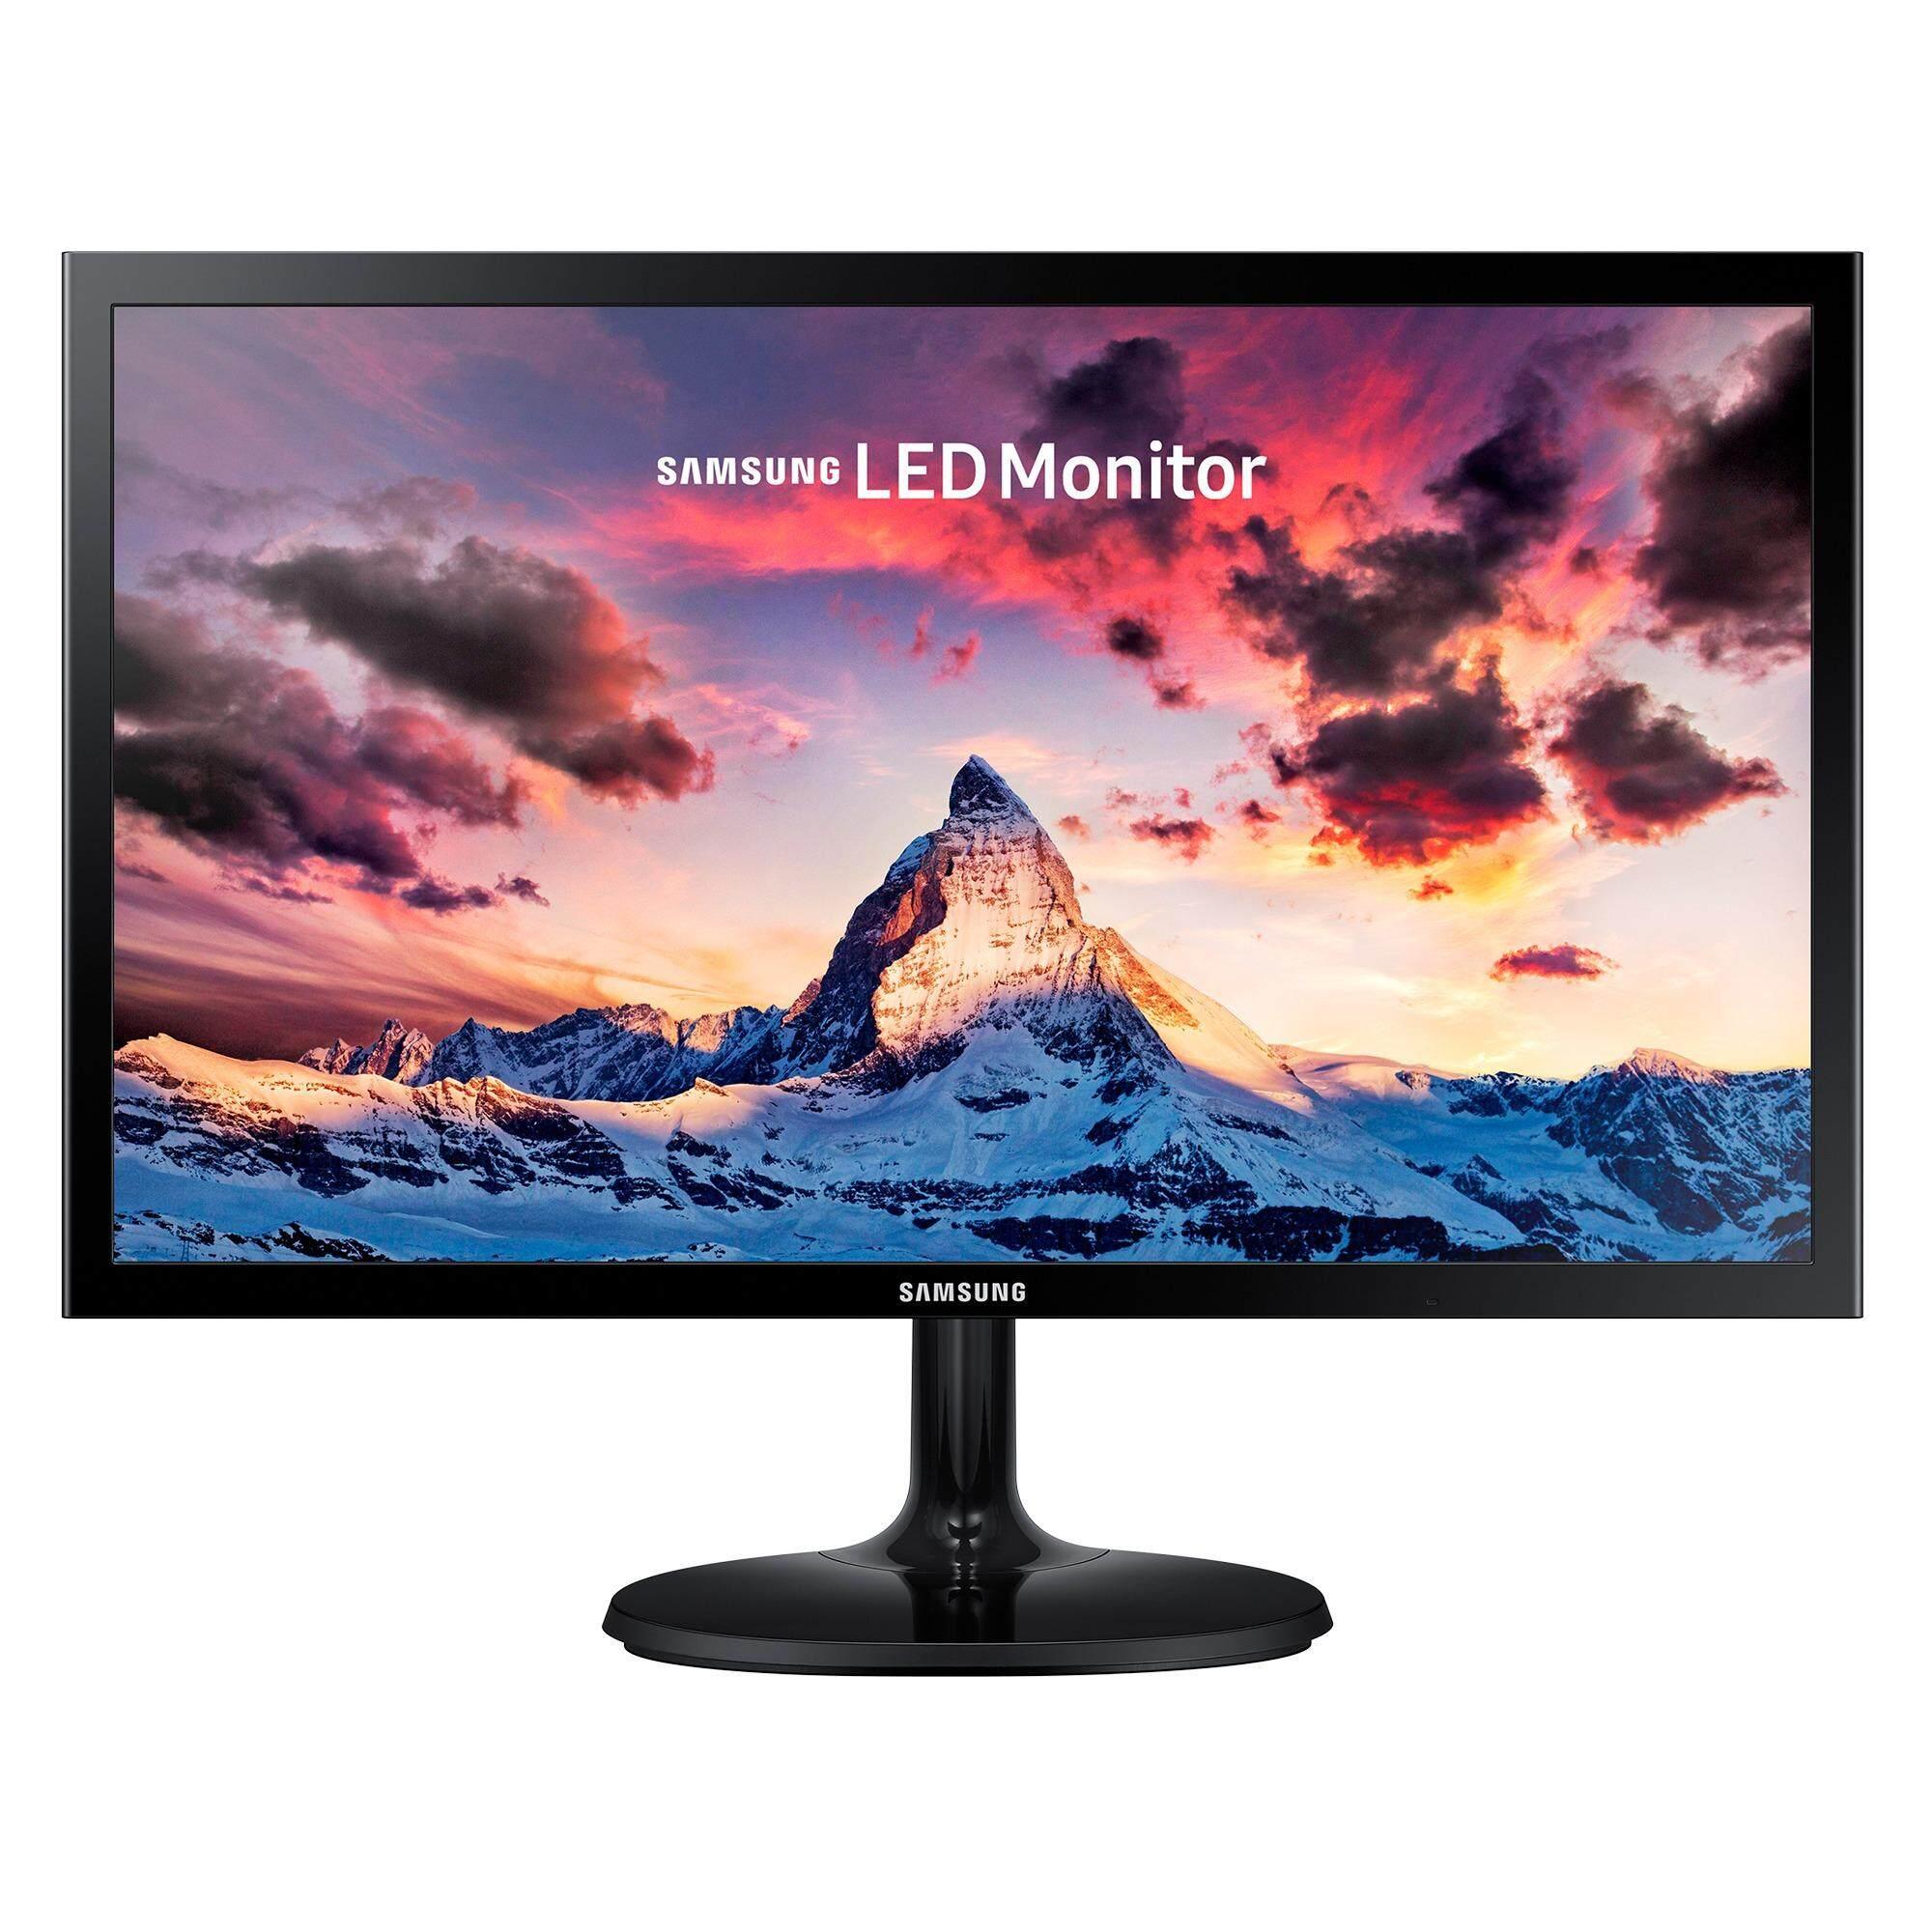 ราคา Samsung 24 Fhd Monitor Sf350 จอบางเฉียบ ดีไซน์เรียบหรู เป็นต้นฉบับ Samsung